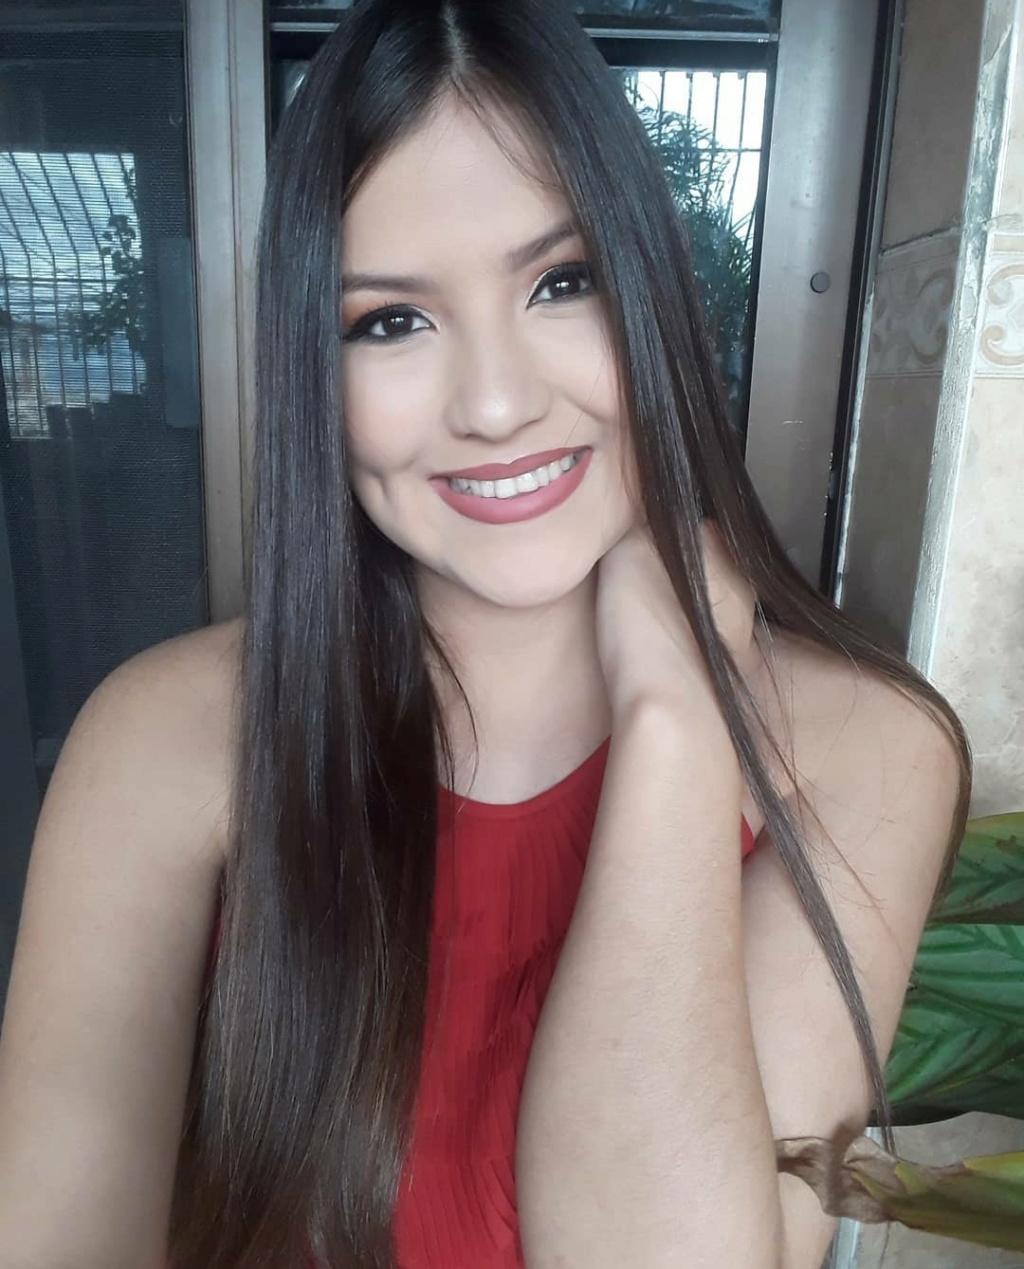 DEBATE sobre belleza, guapura y hermosura (fotos de chicas latinas, mestizas, y de todo) - VOL II - Página 6 Img_1207